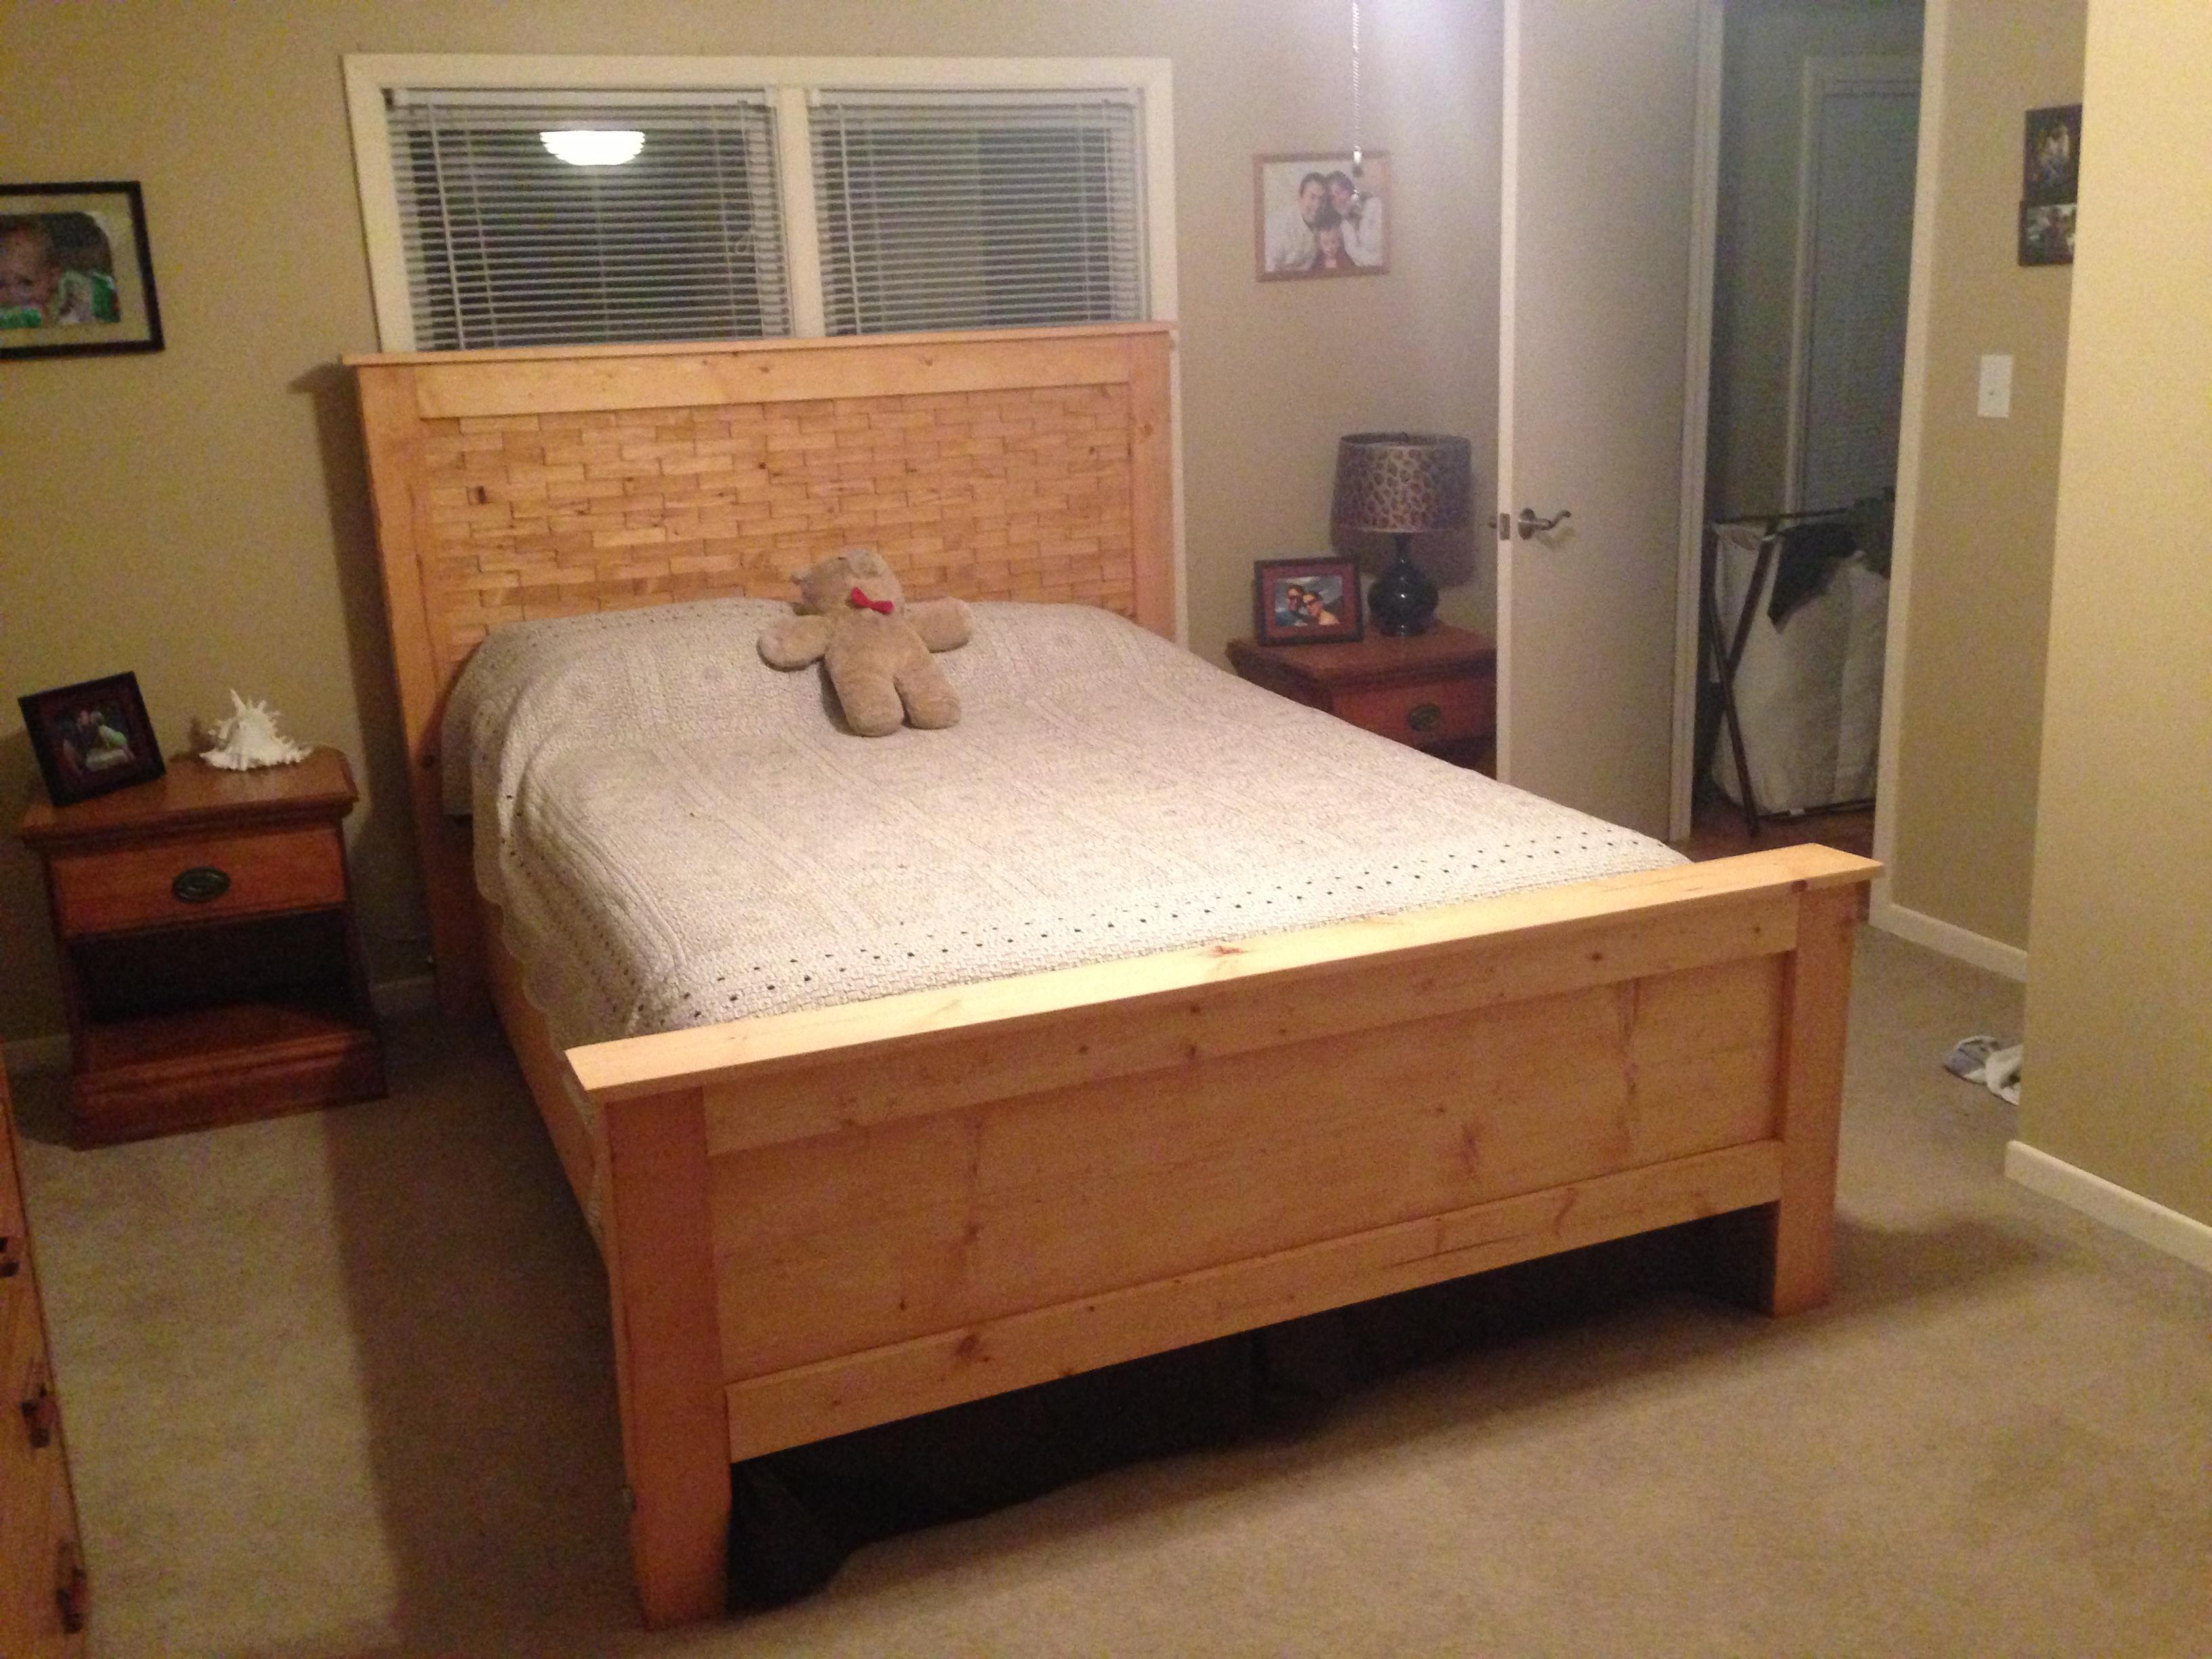 Diy Wood Shim Bed Plans Queen